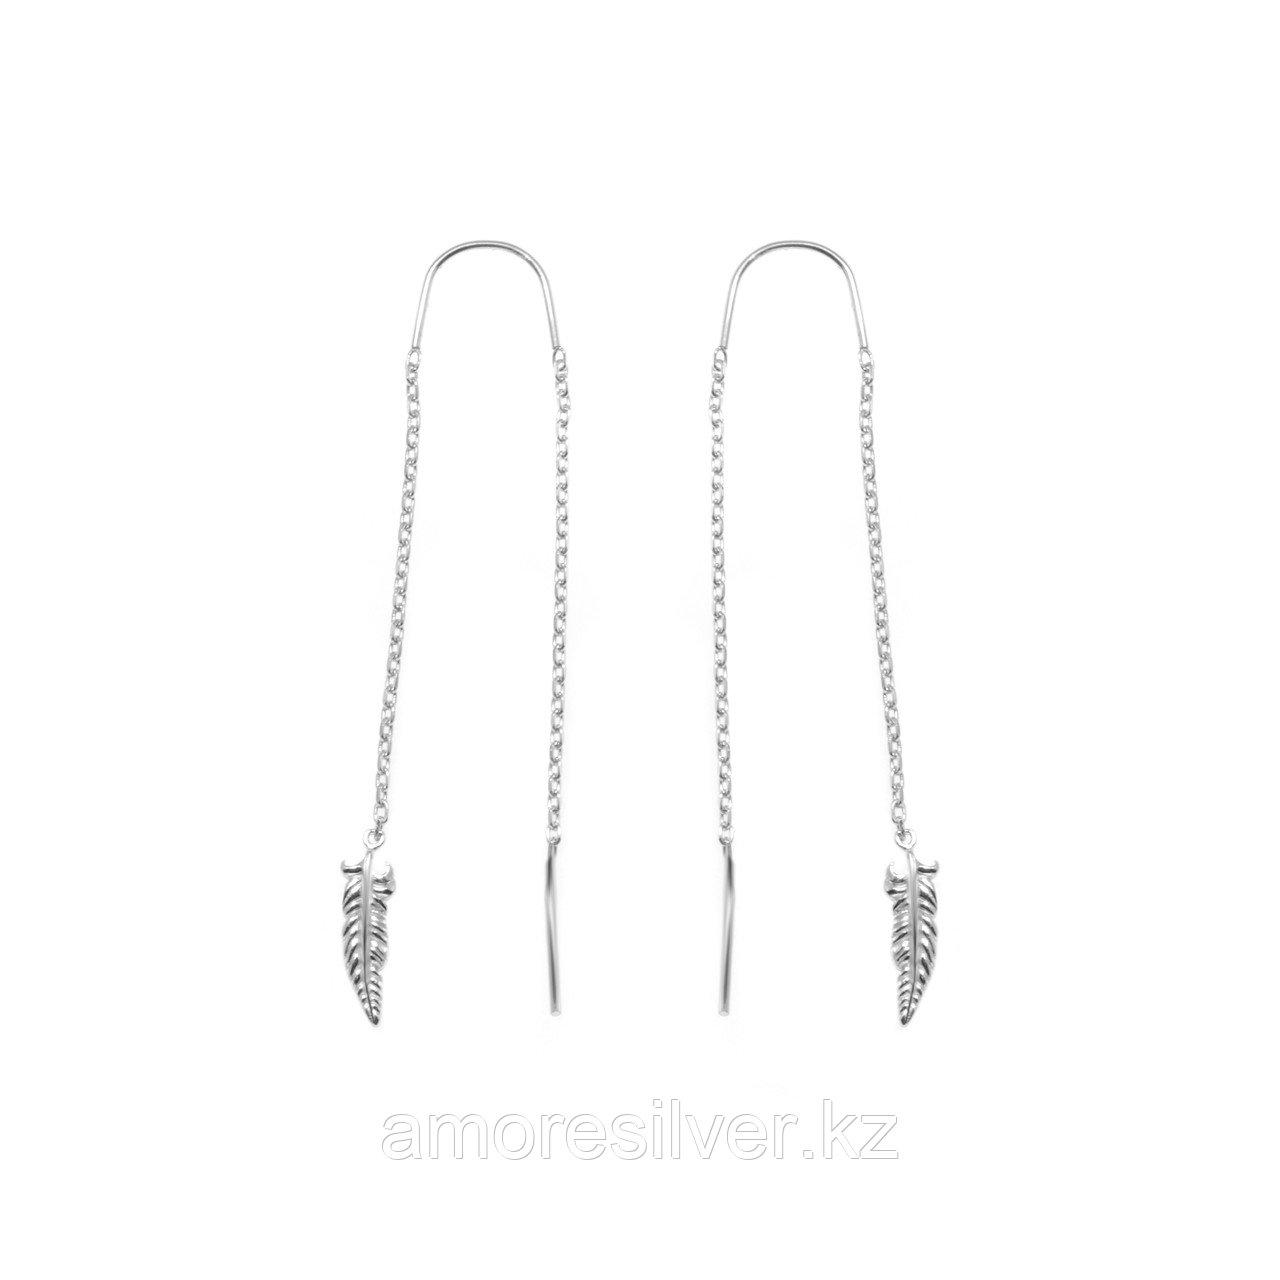 Серьги TEOSA серебро с родием, без вставок 0221279-00245